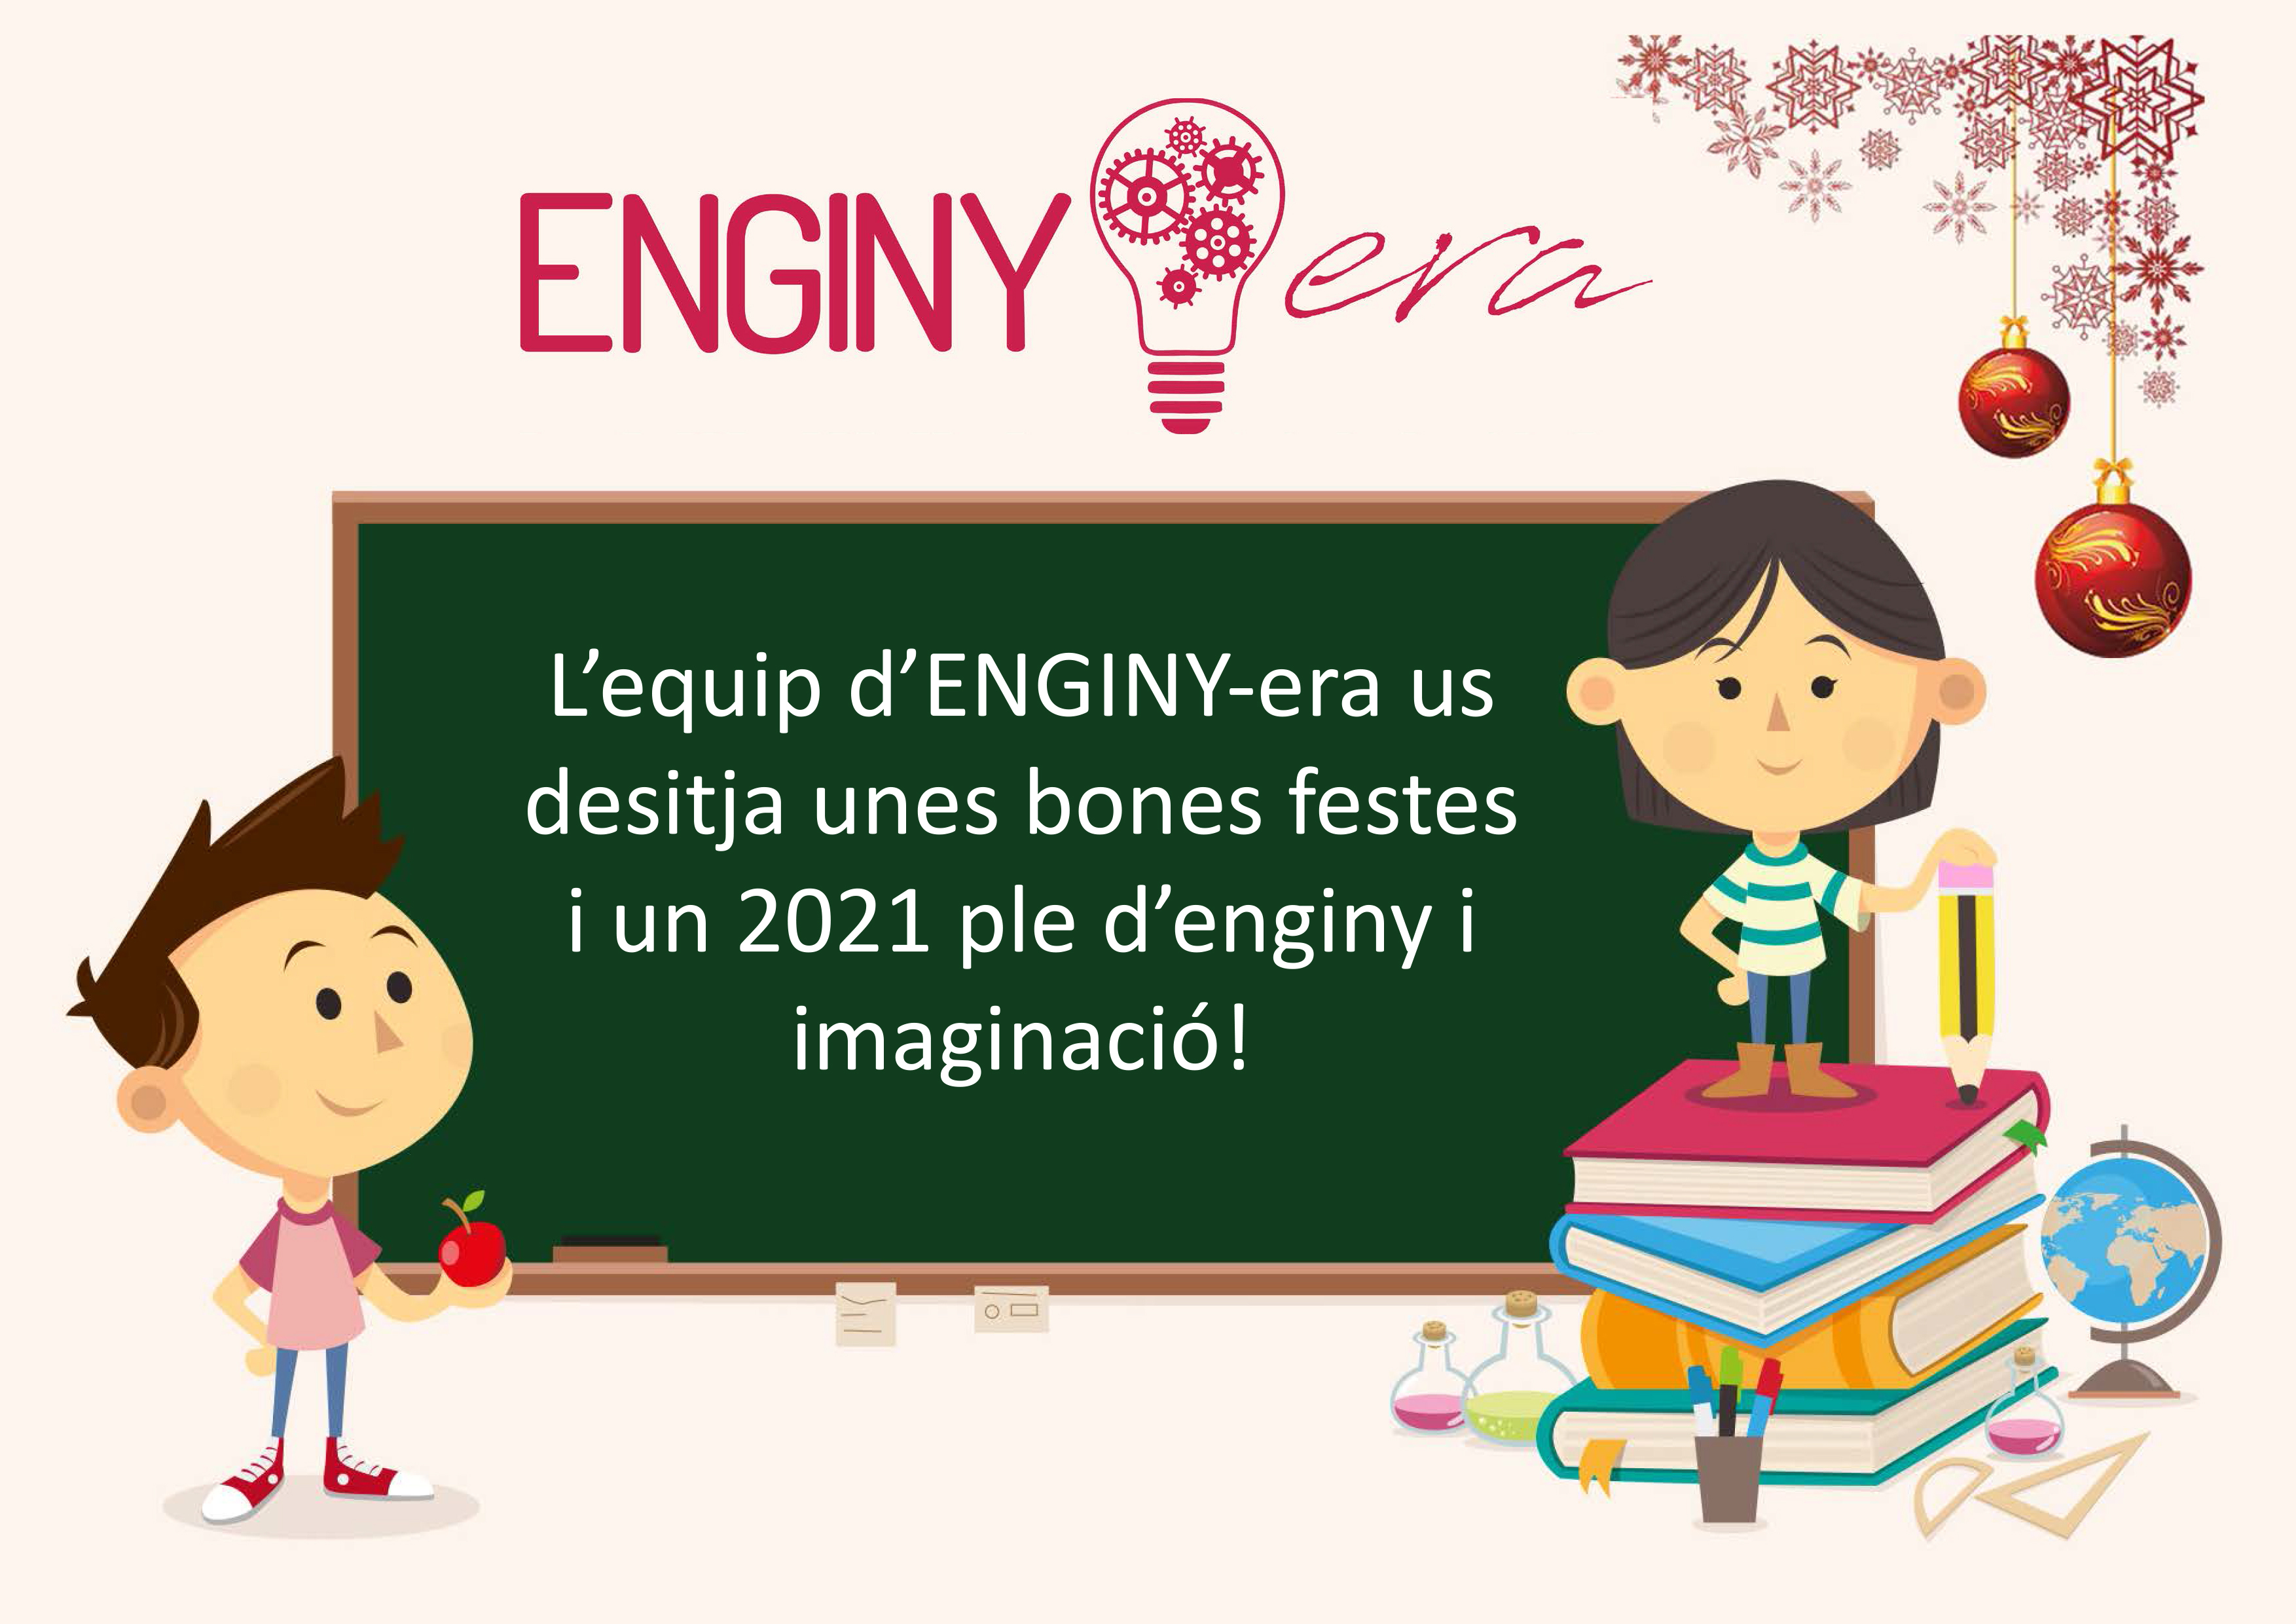 Felicitació d'ENGINY-era del Nadal!